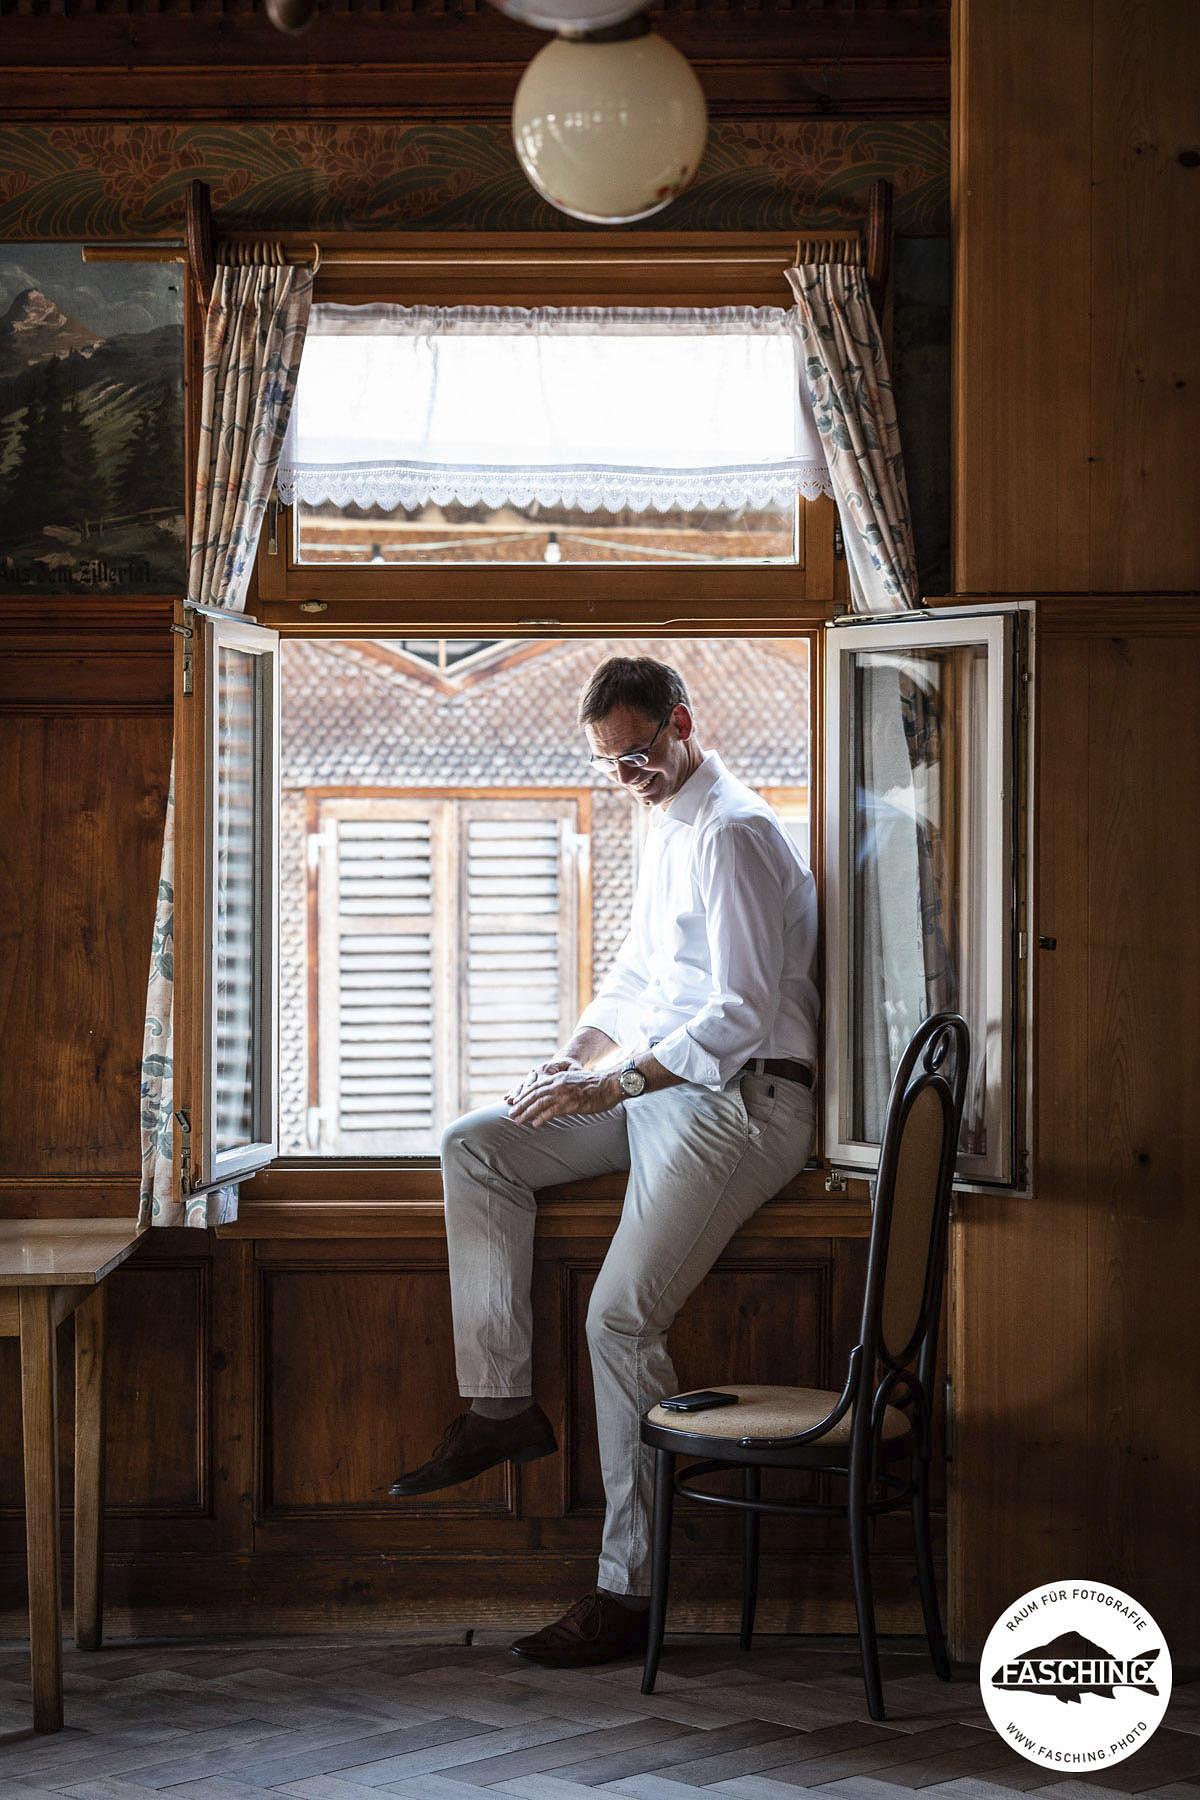 Luca Fasching fotografiert den Vorarlberger Landeshauptmann Markus Wallner bei seiner Arbeit.